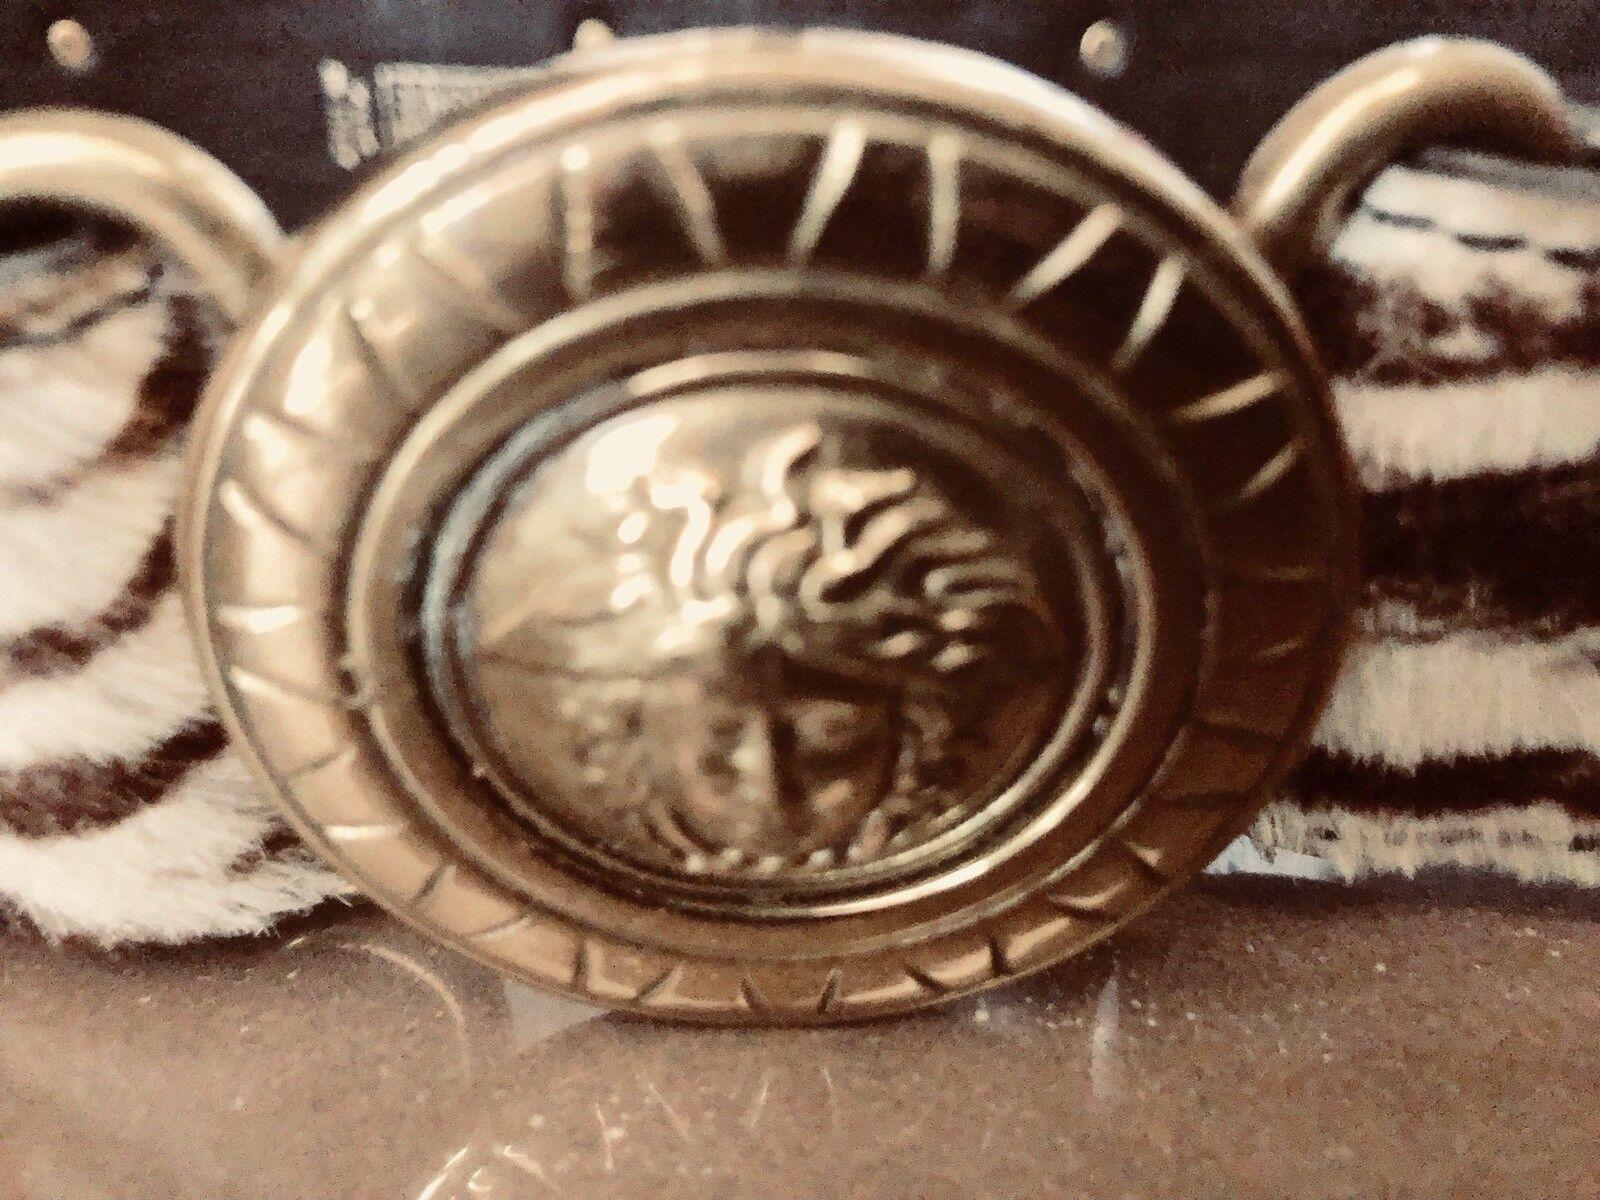 gianni versace vintage Belt - image 9